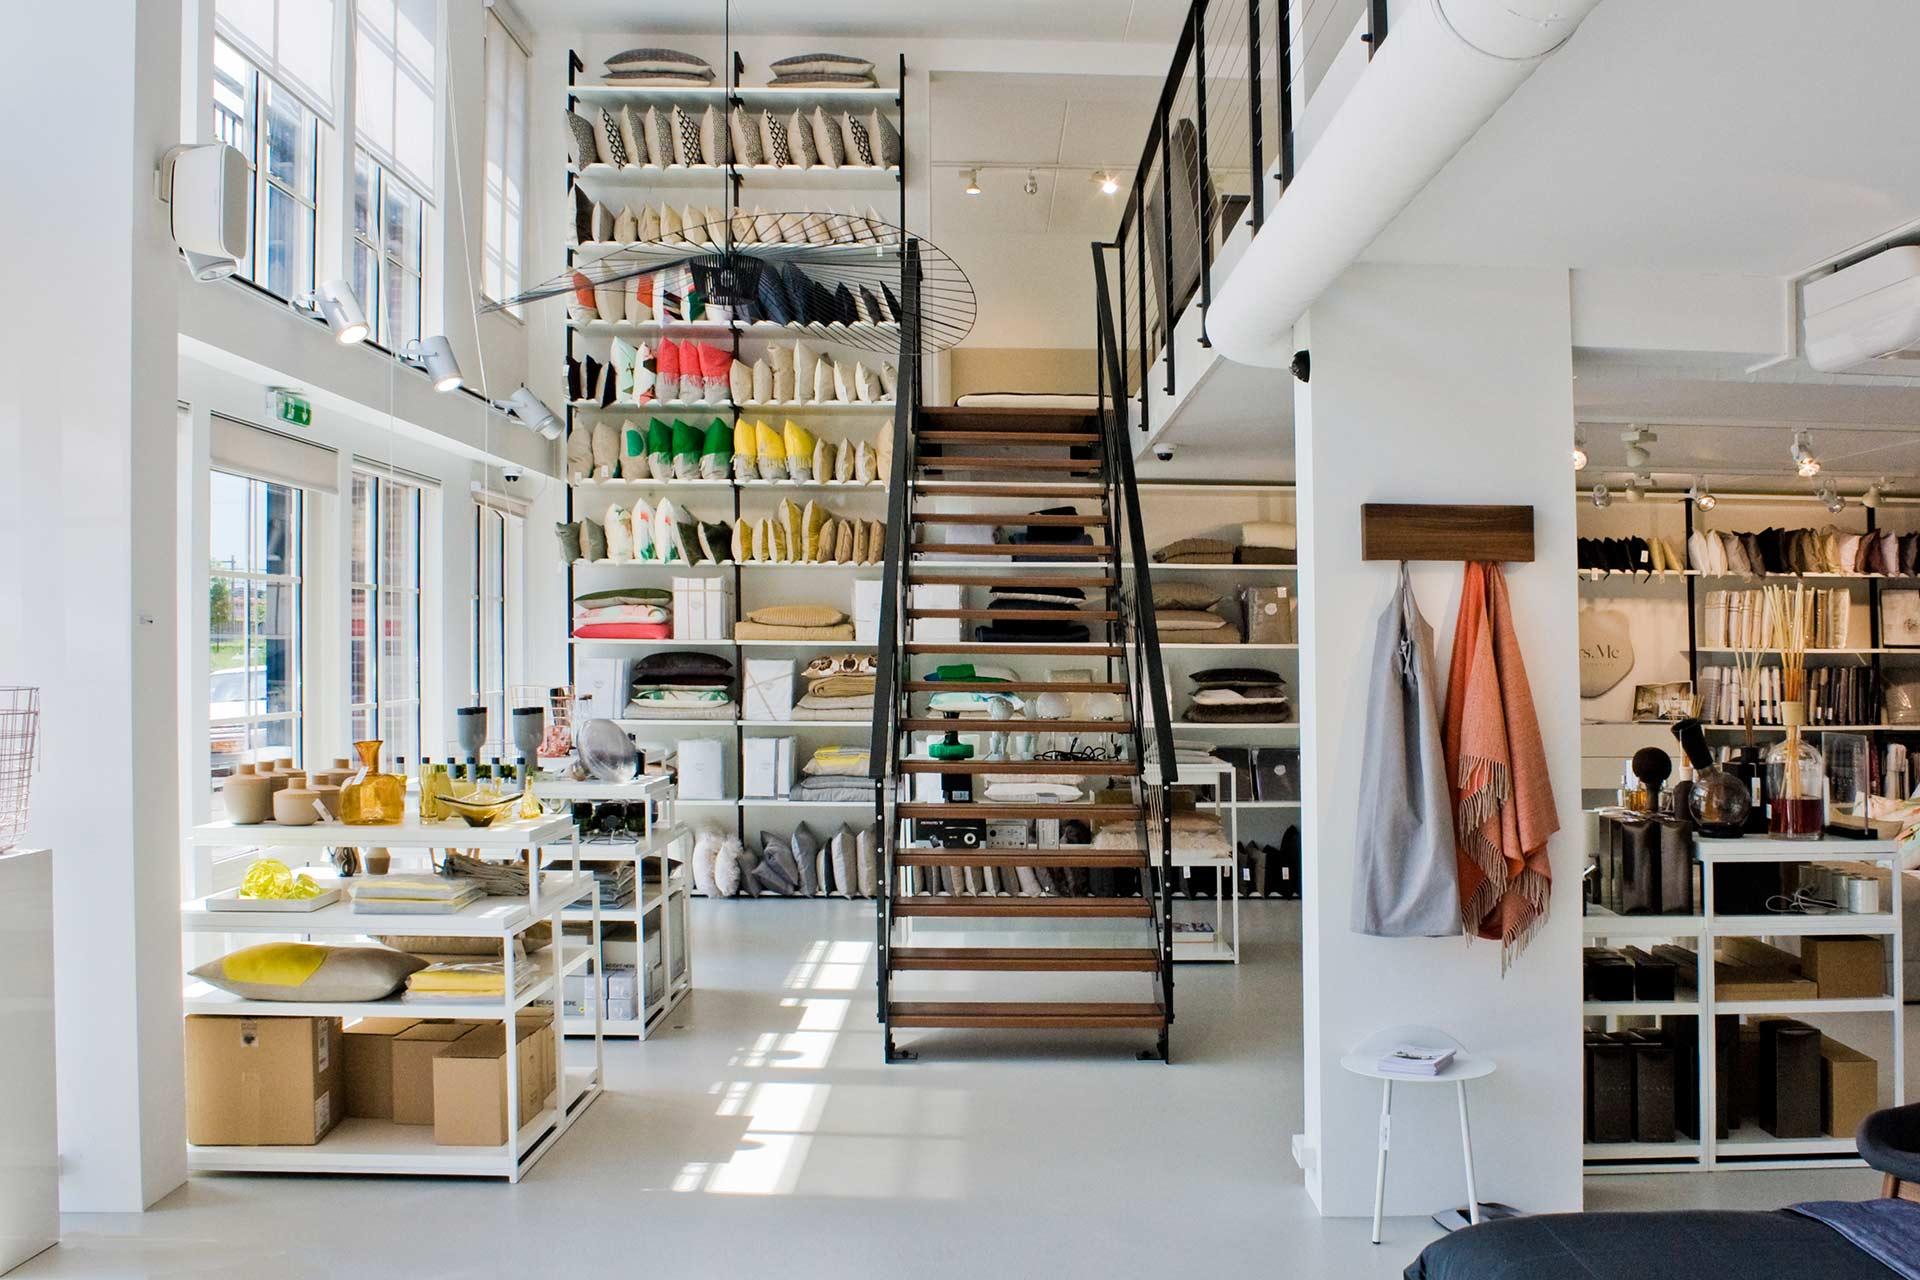 design beddenzaak Bed Habits in Amsterdam